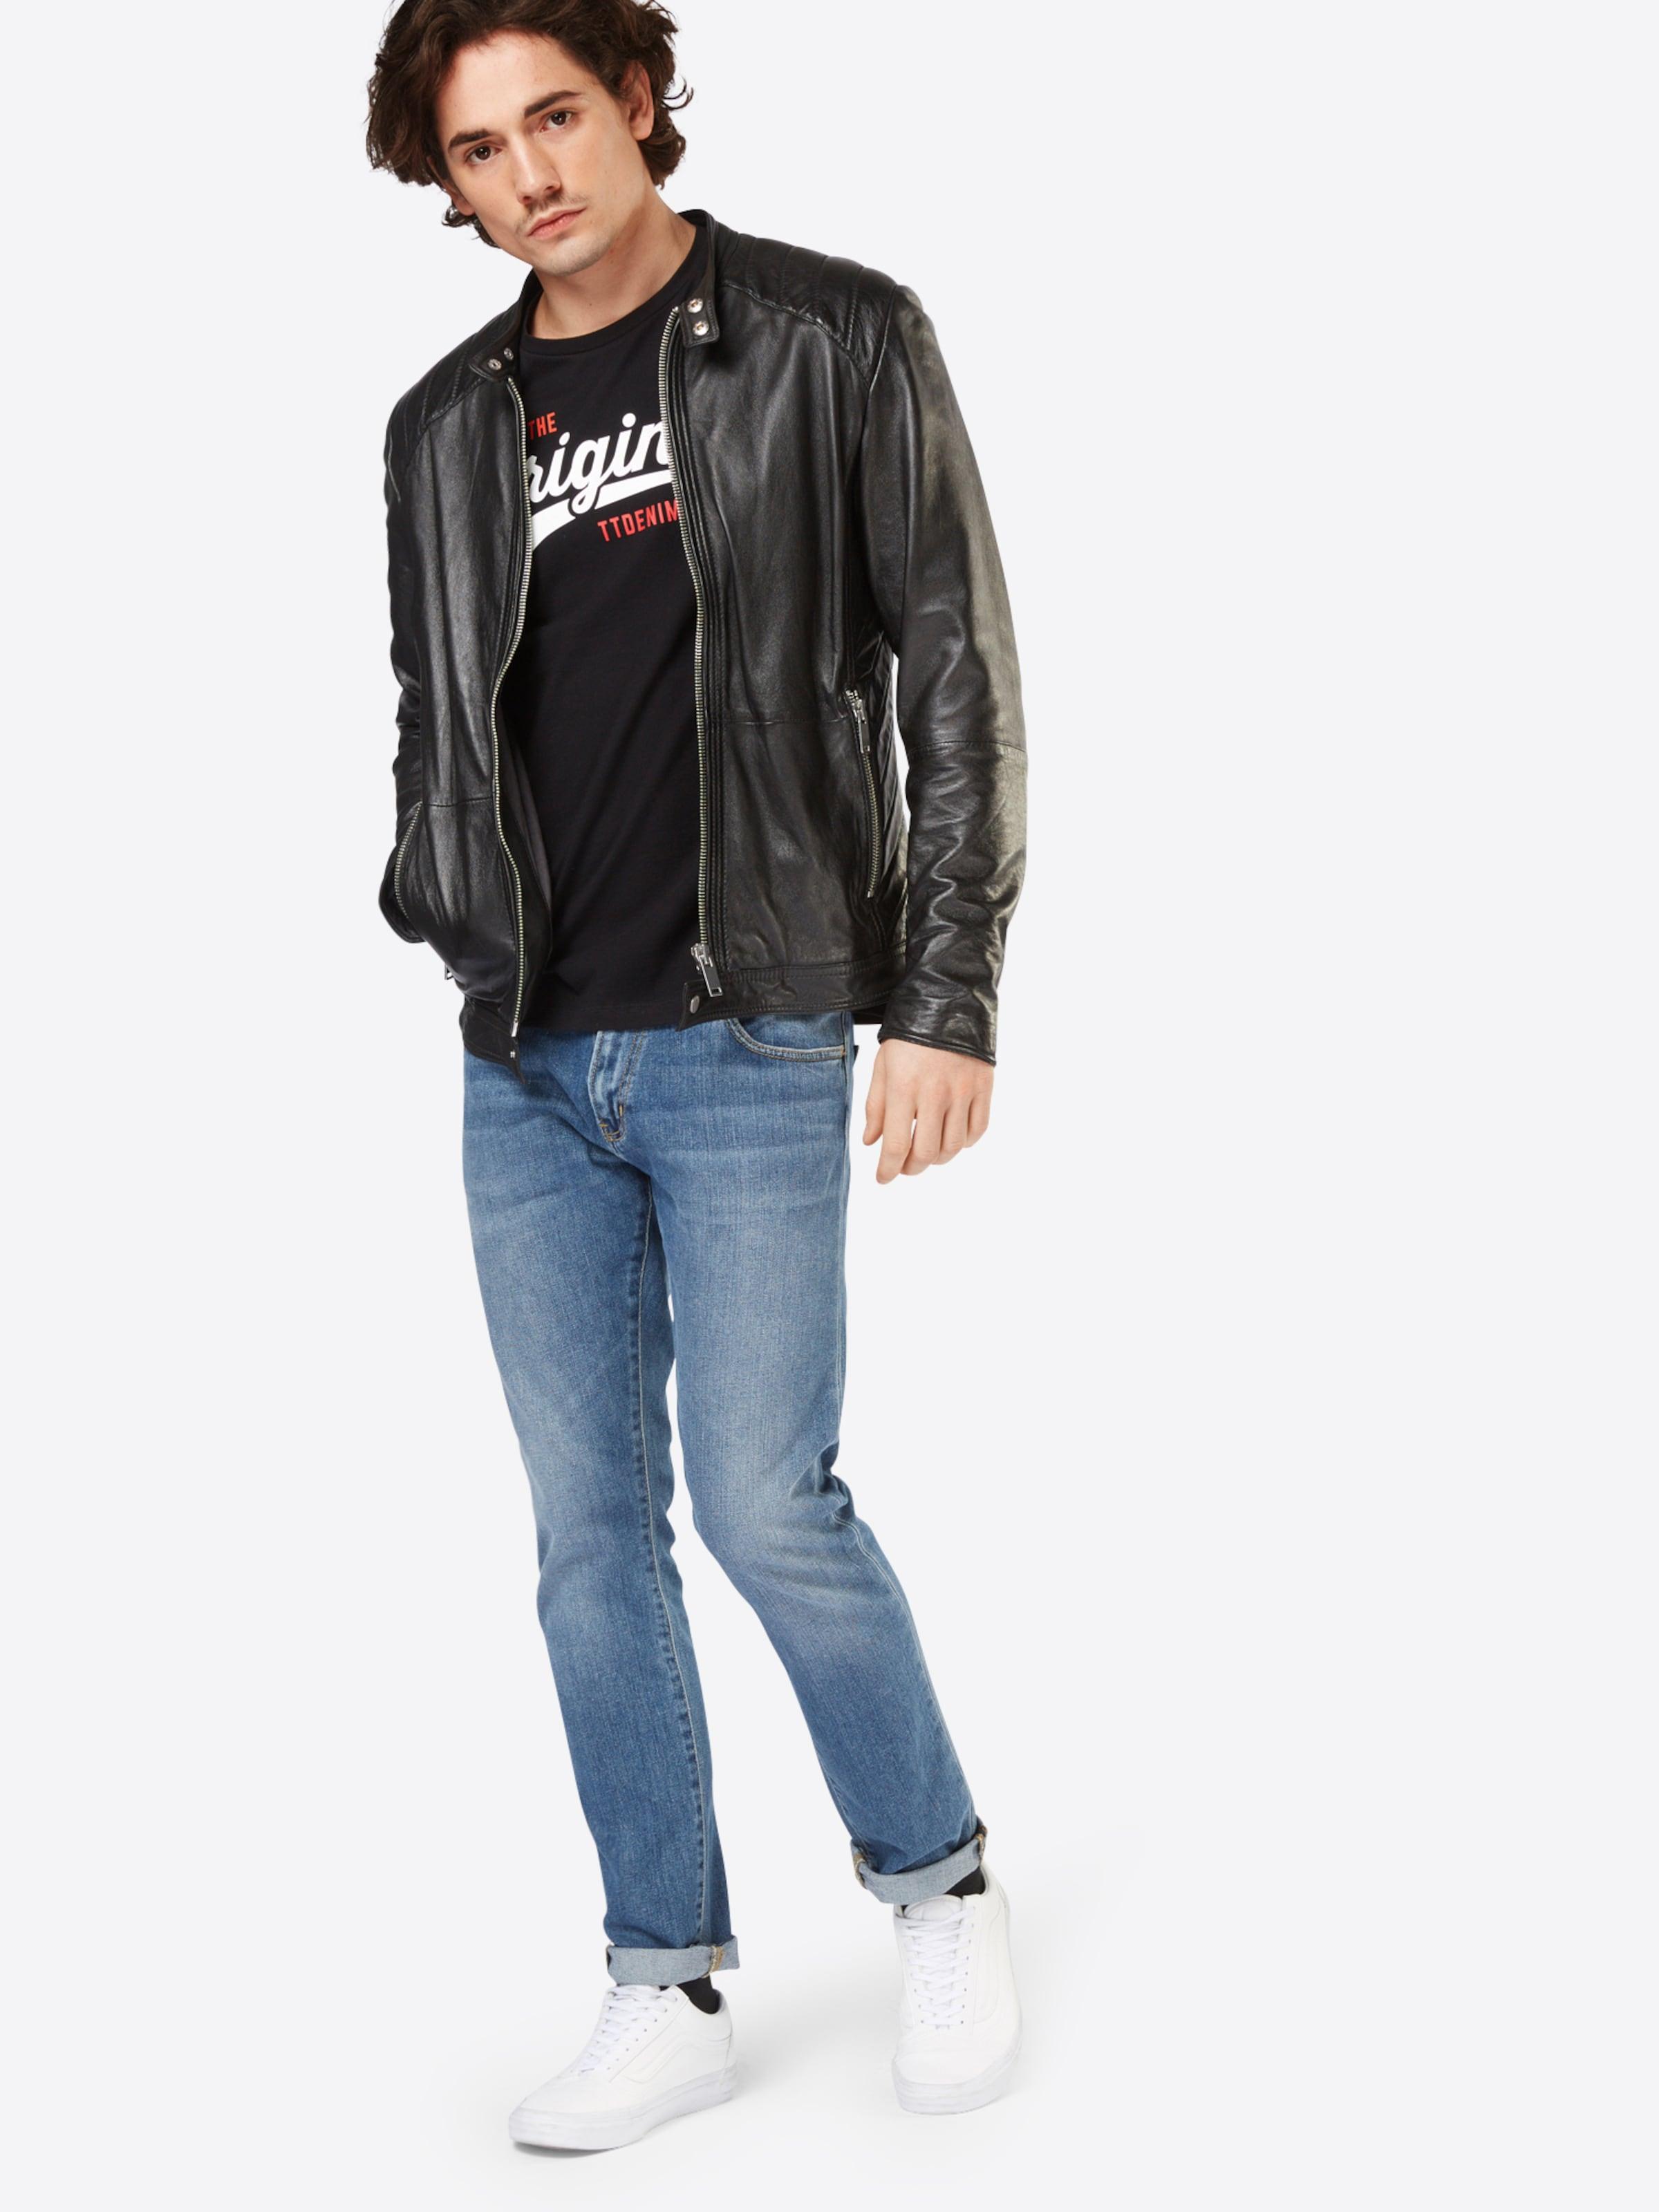 Großhandelspreis TOM TAILOR DENIM T-Shirt mit Front-Print Günstige Verkaufspreise Verkauf Gut Verkaufen Freies Verschiffen Ursprüngliche Verkauf Niedrigen Preis Versandgebühr SlVI4t